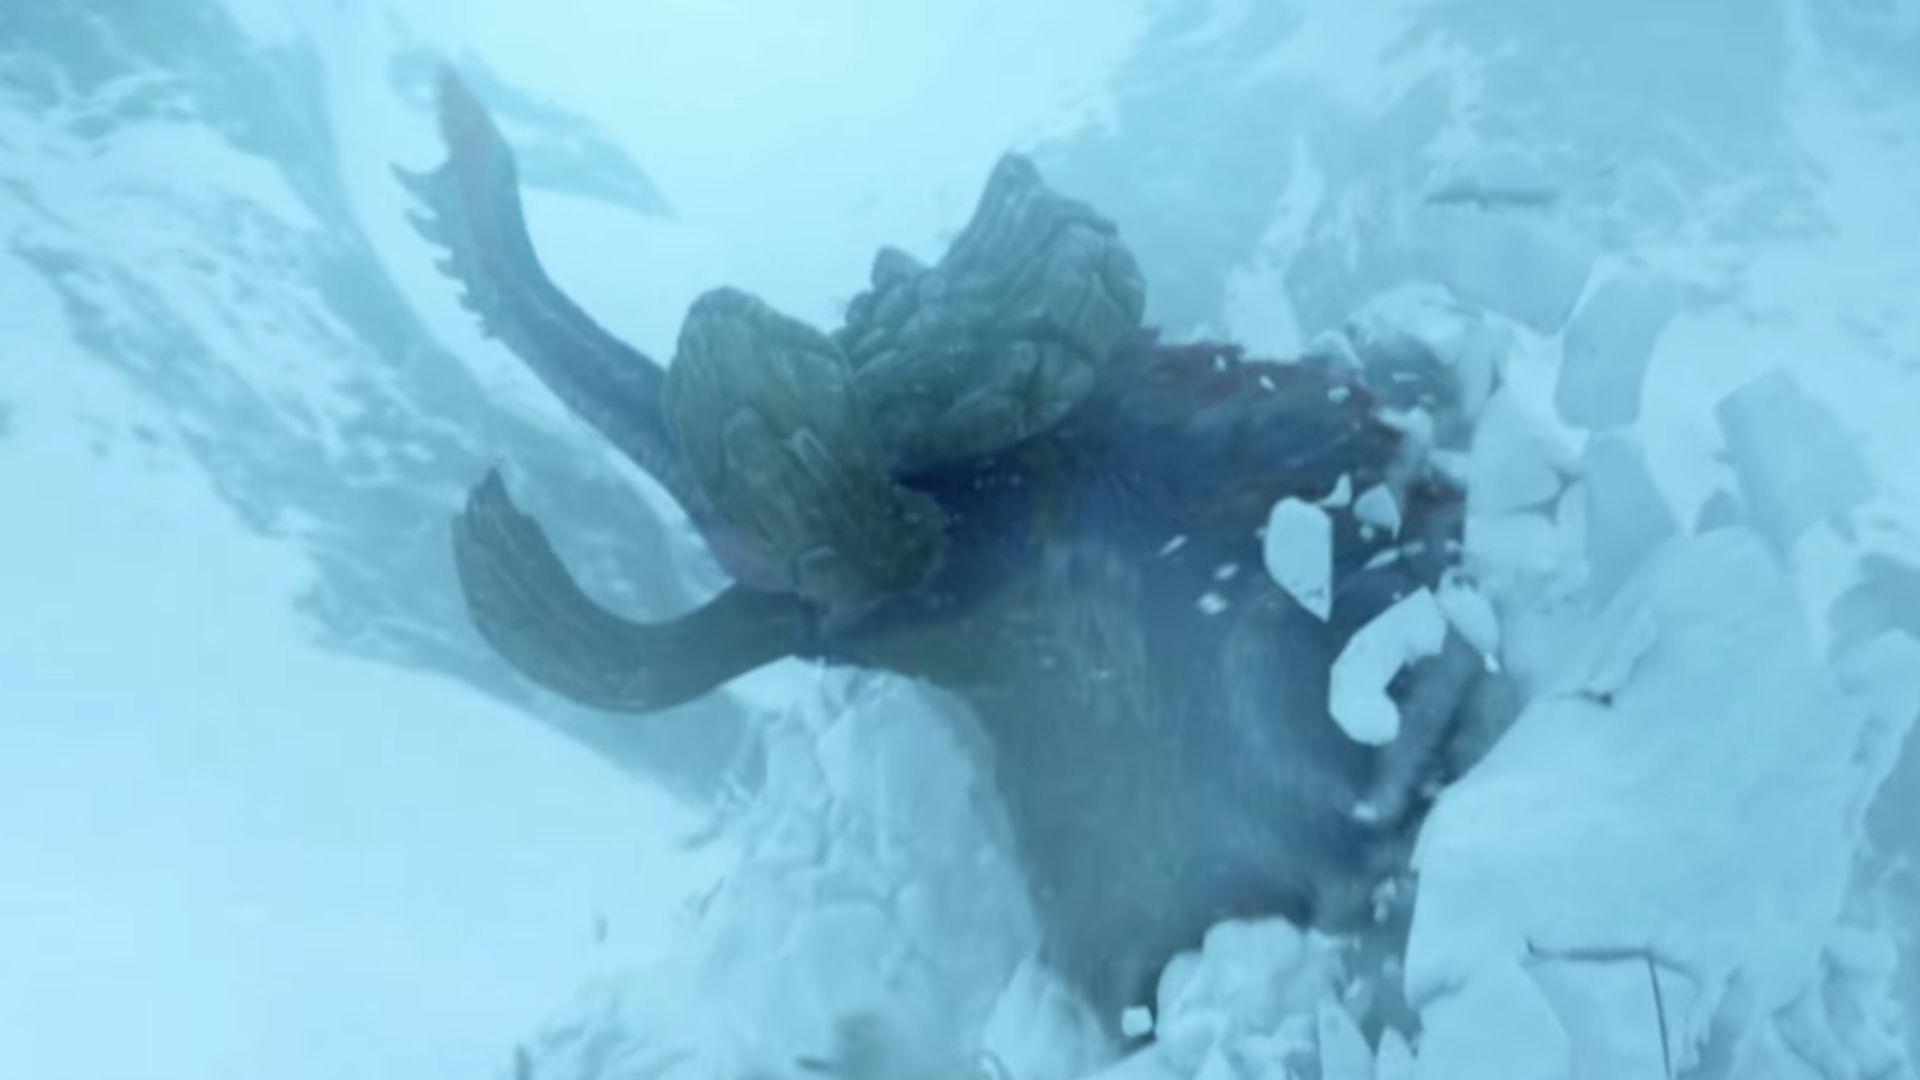 Gammoth Monster Hunter Generations